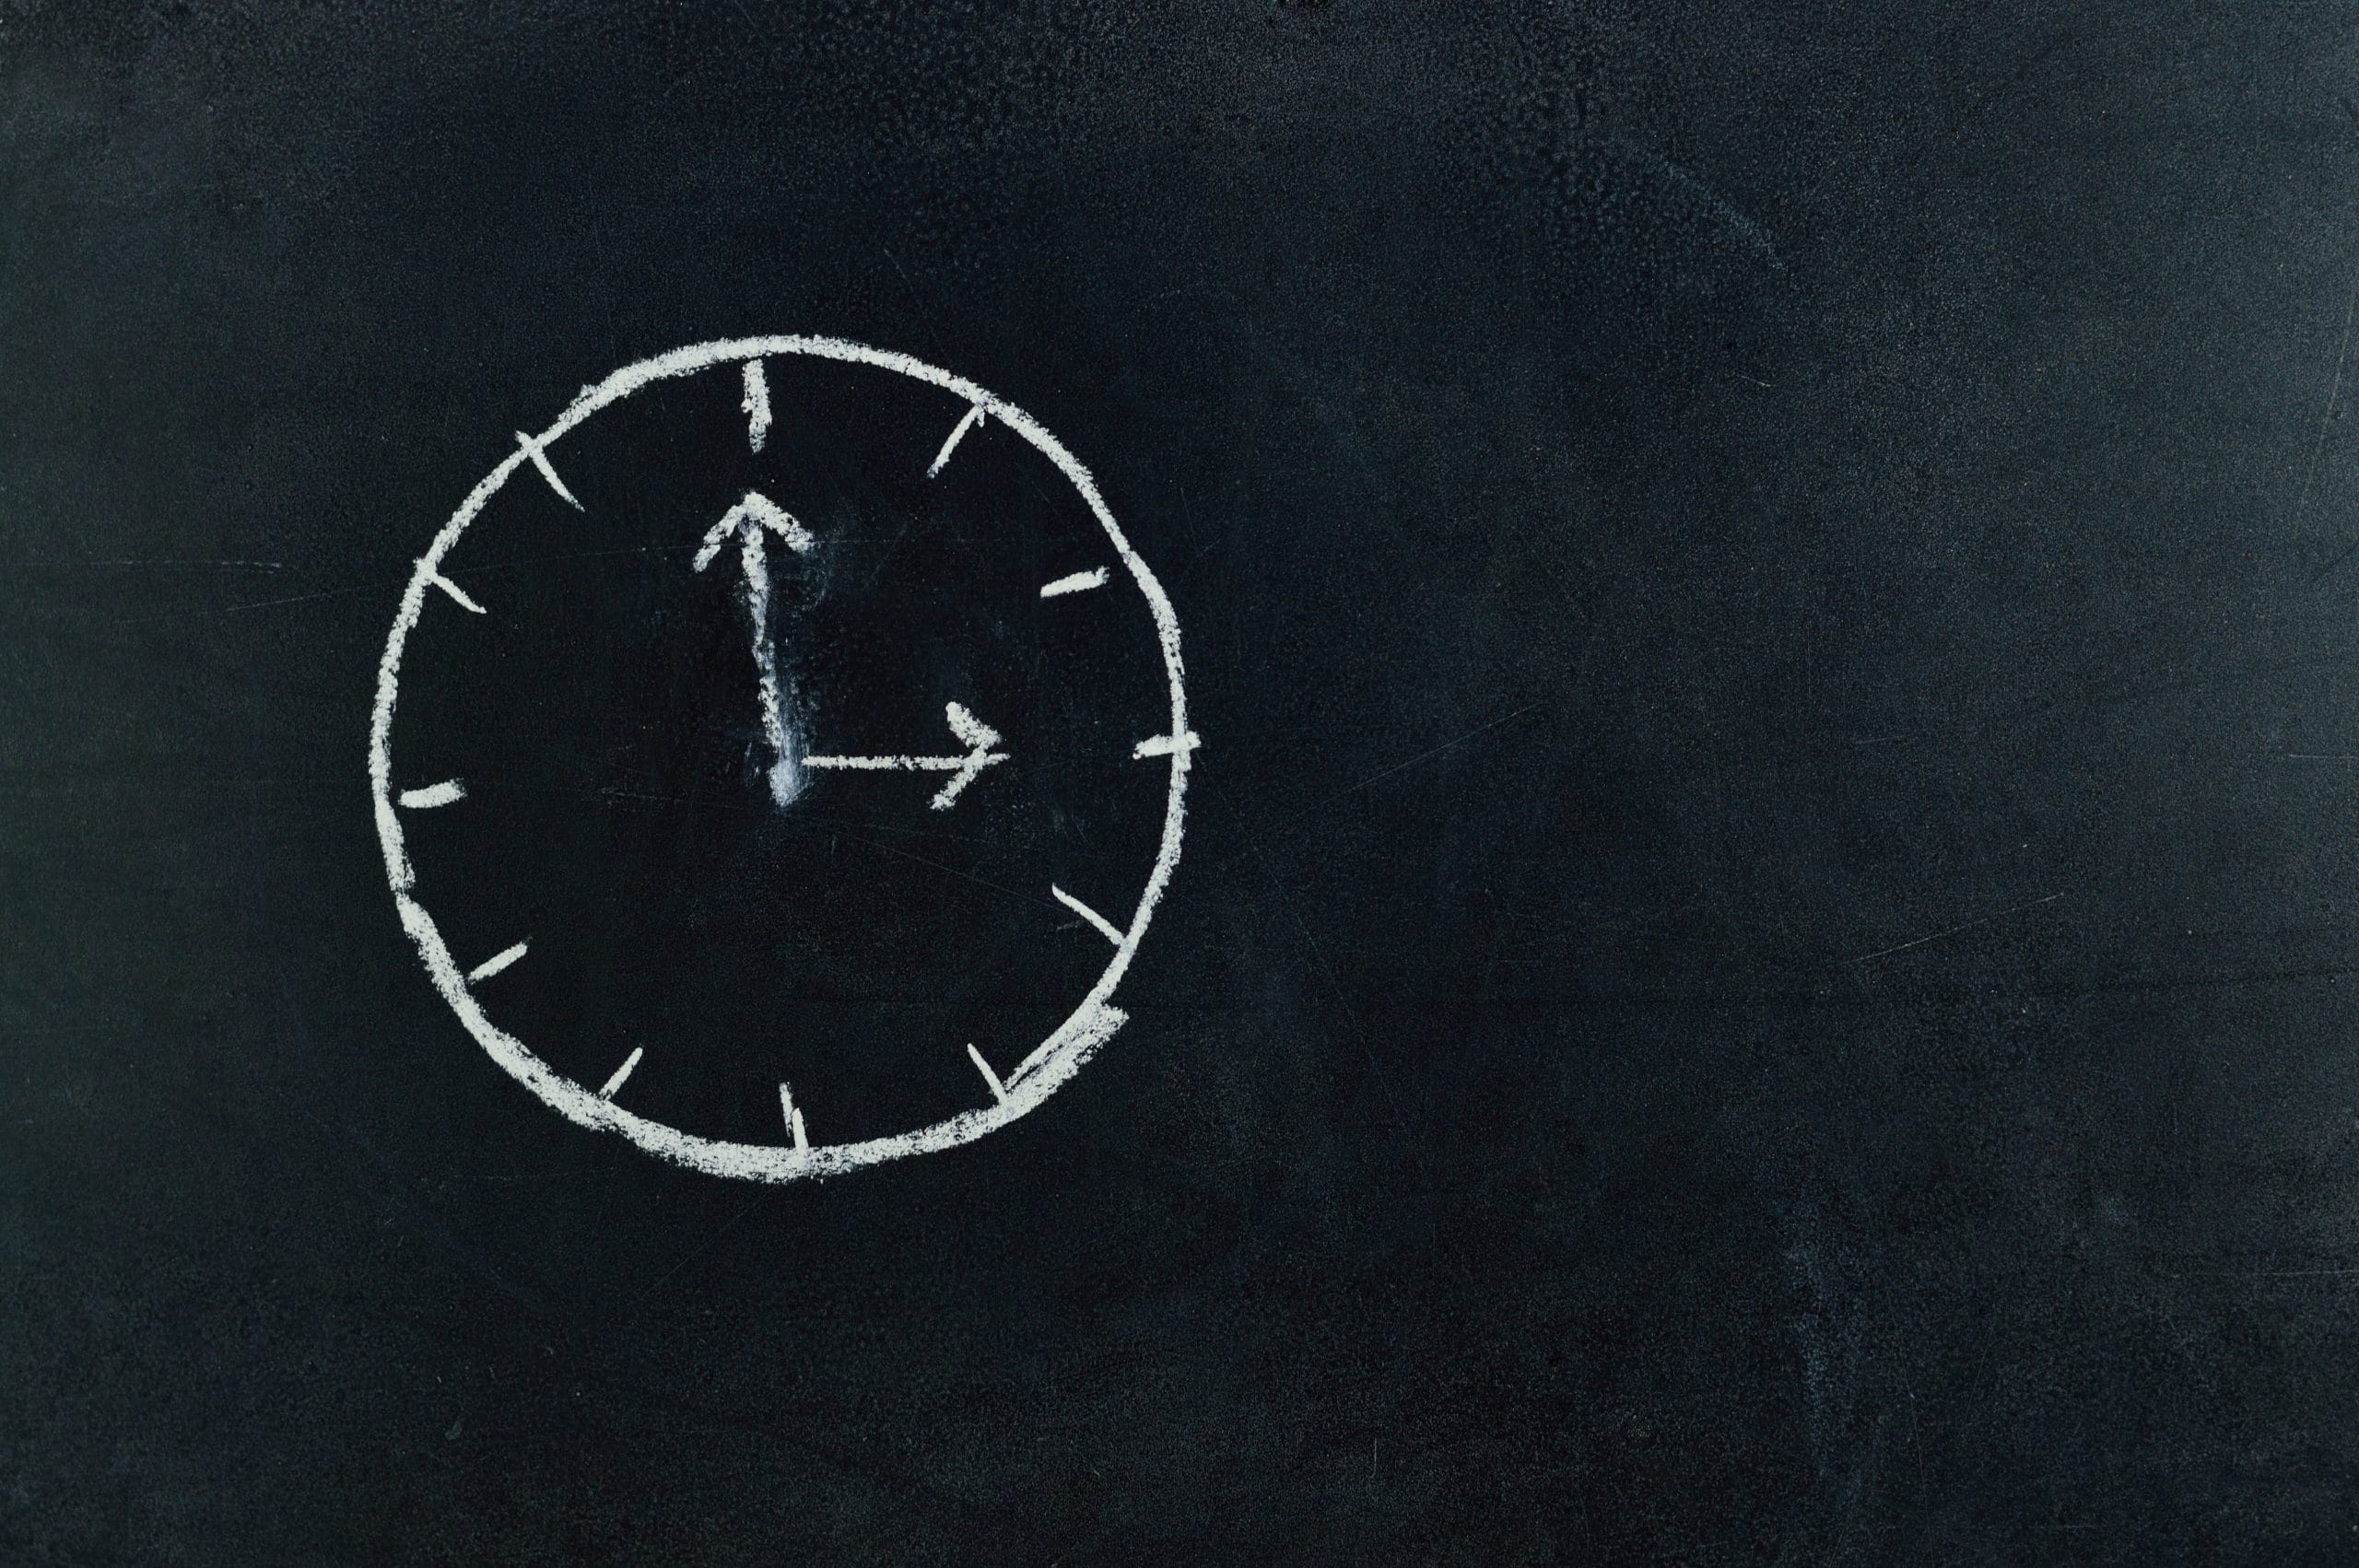 「1000時間チャレンジ」アフィリエイターとしてどのくらい成長できるのか